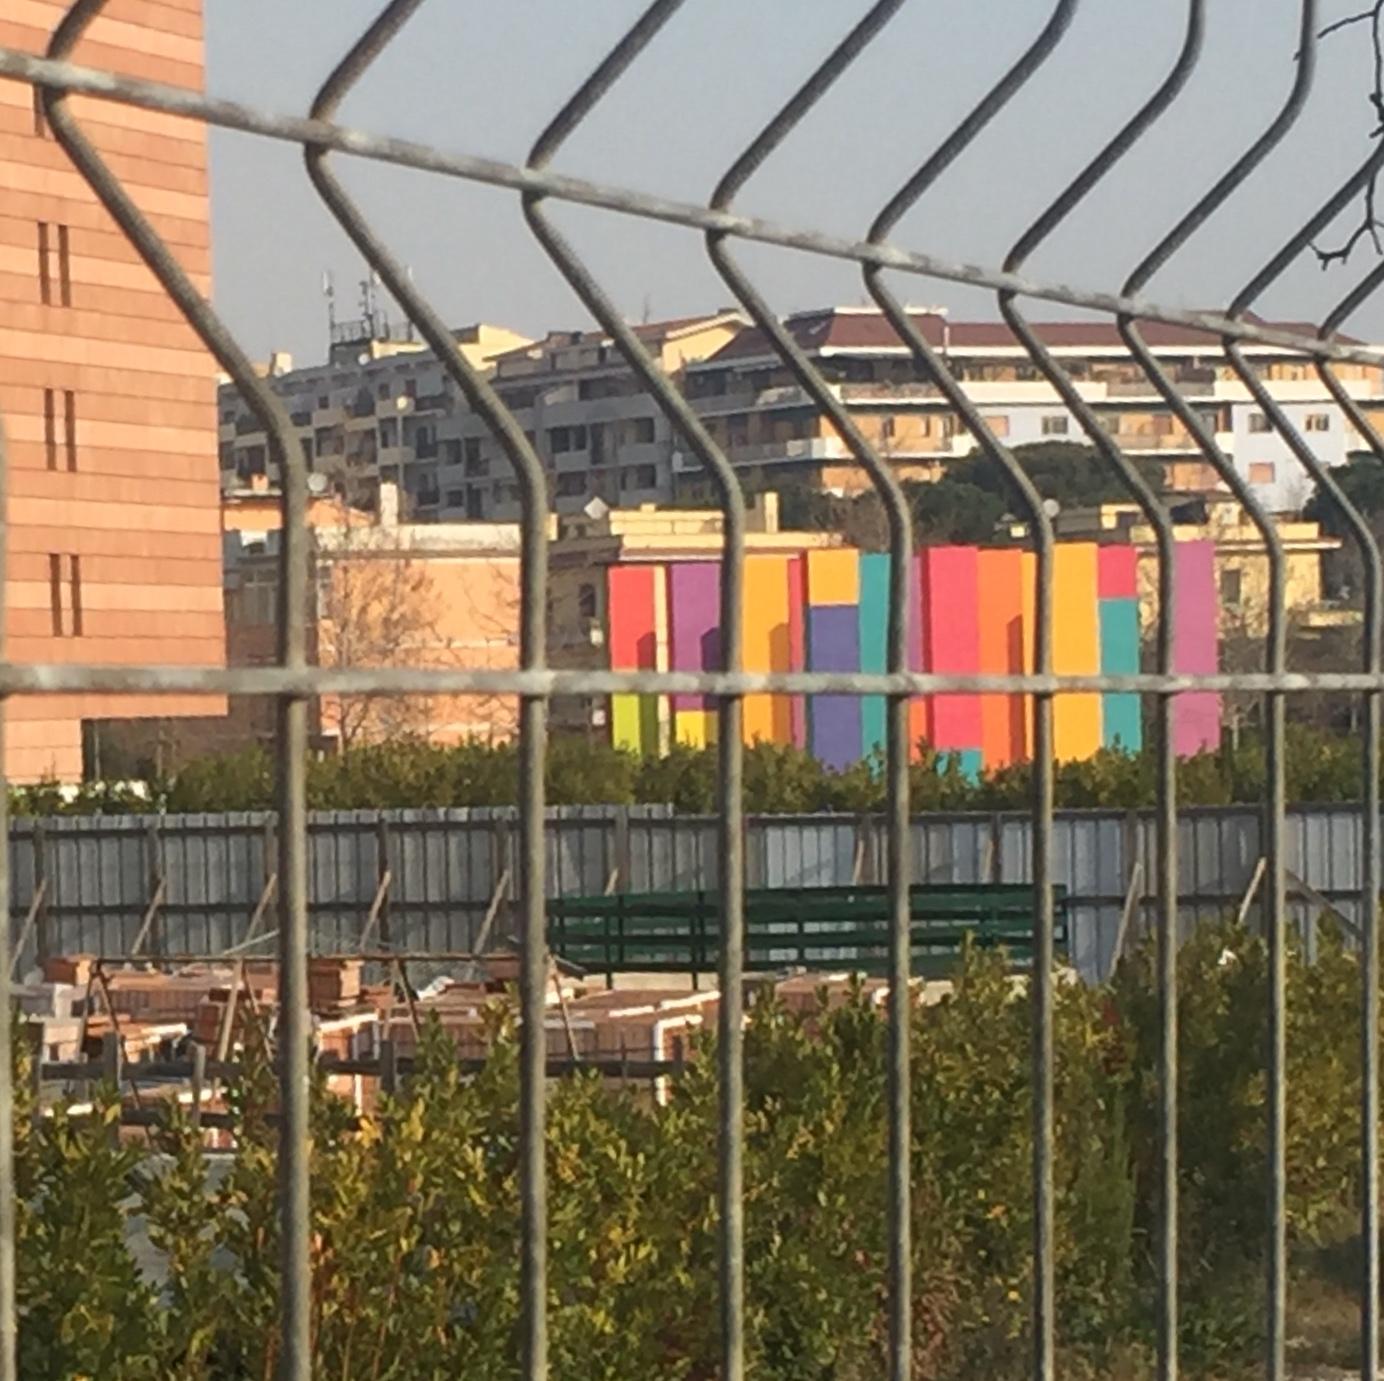 Didascalia foto: In fondo, il Giardino Incantato di Franco Summa